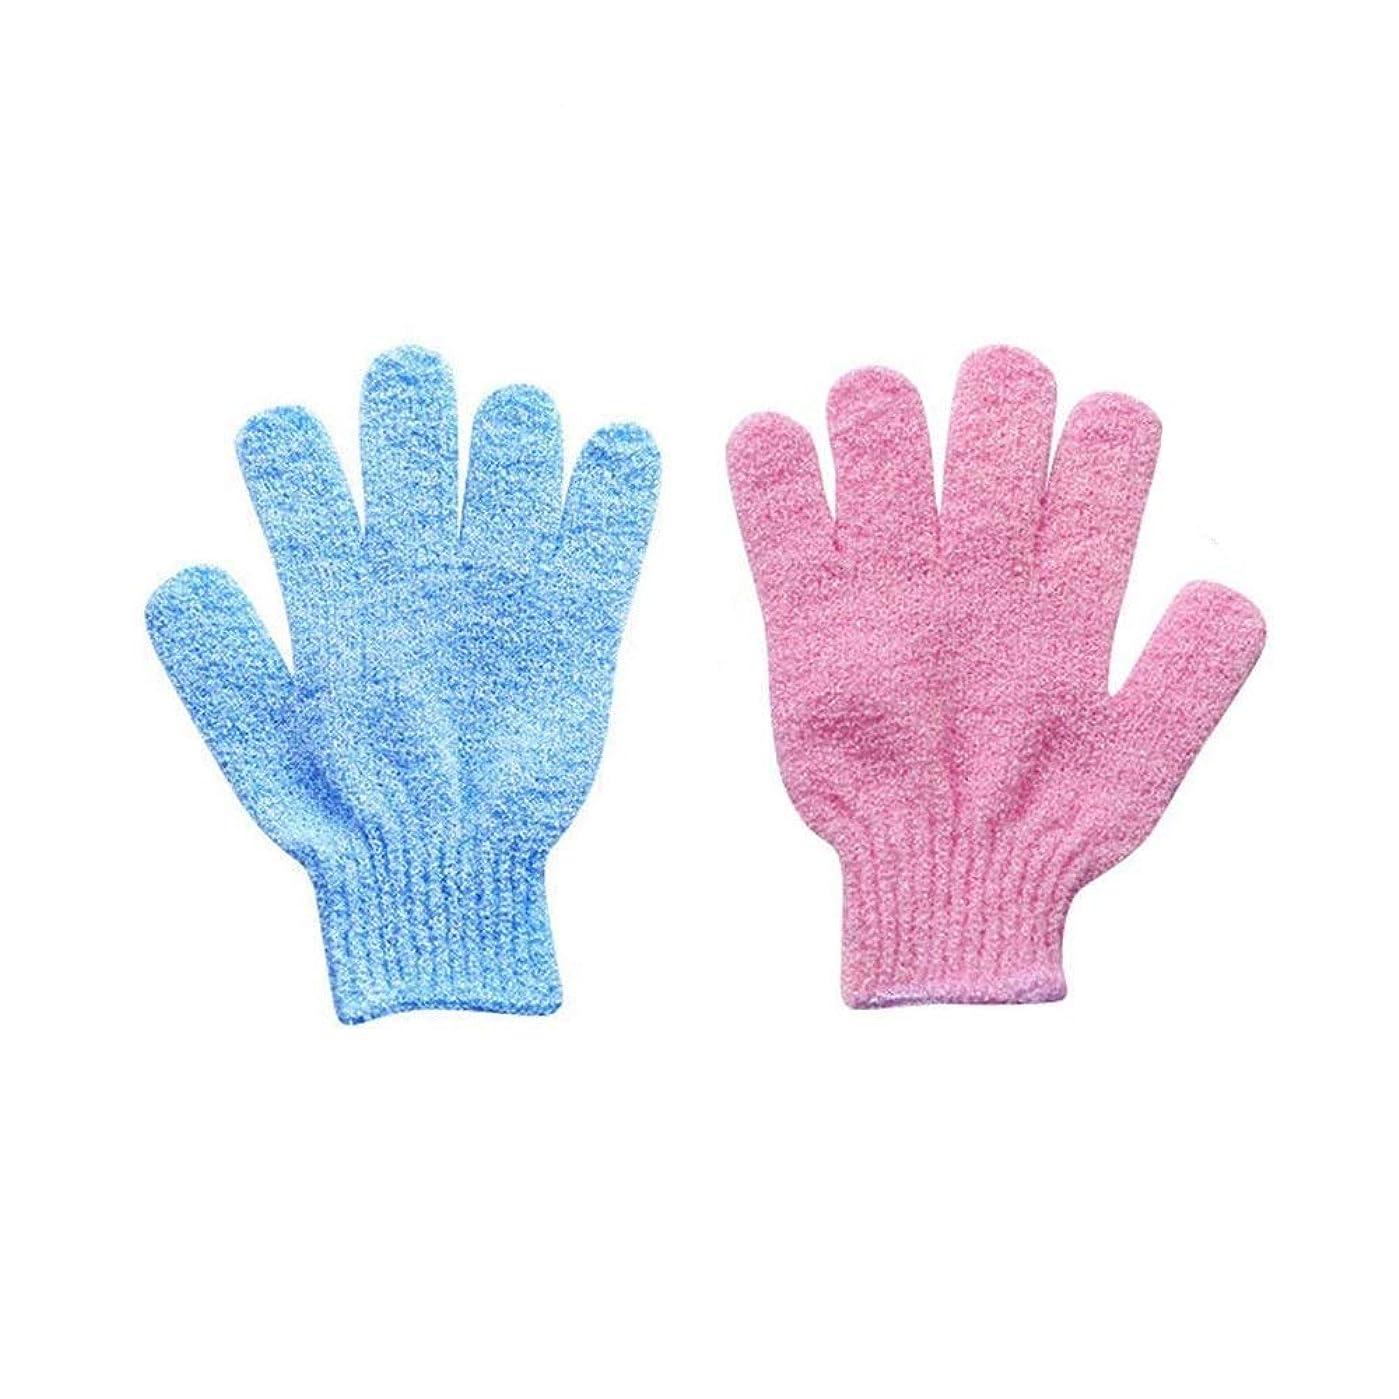 評決特性デクリメントお風呂手袋 五本指 シャワーグローブ 泡立ち 柔らかい 入浴用品 角質除去 垢すり 2PCS